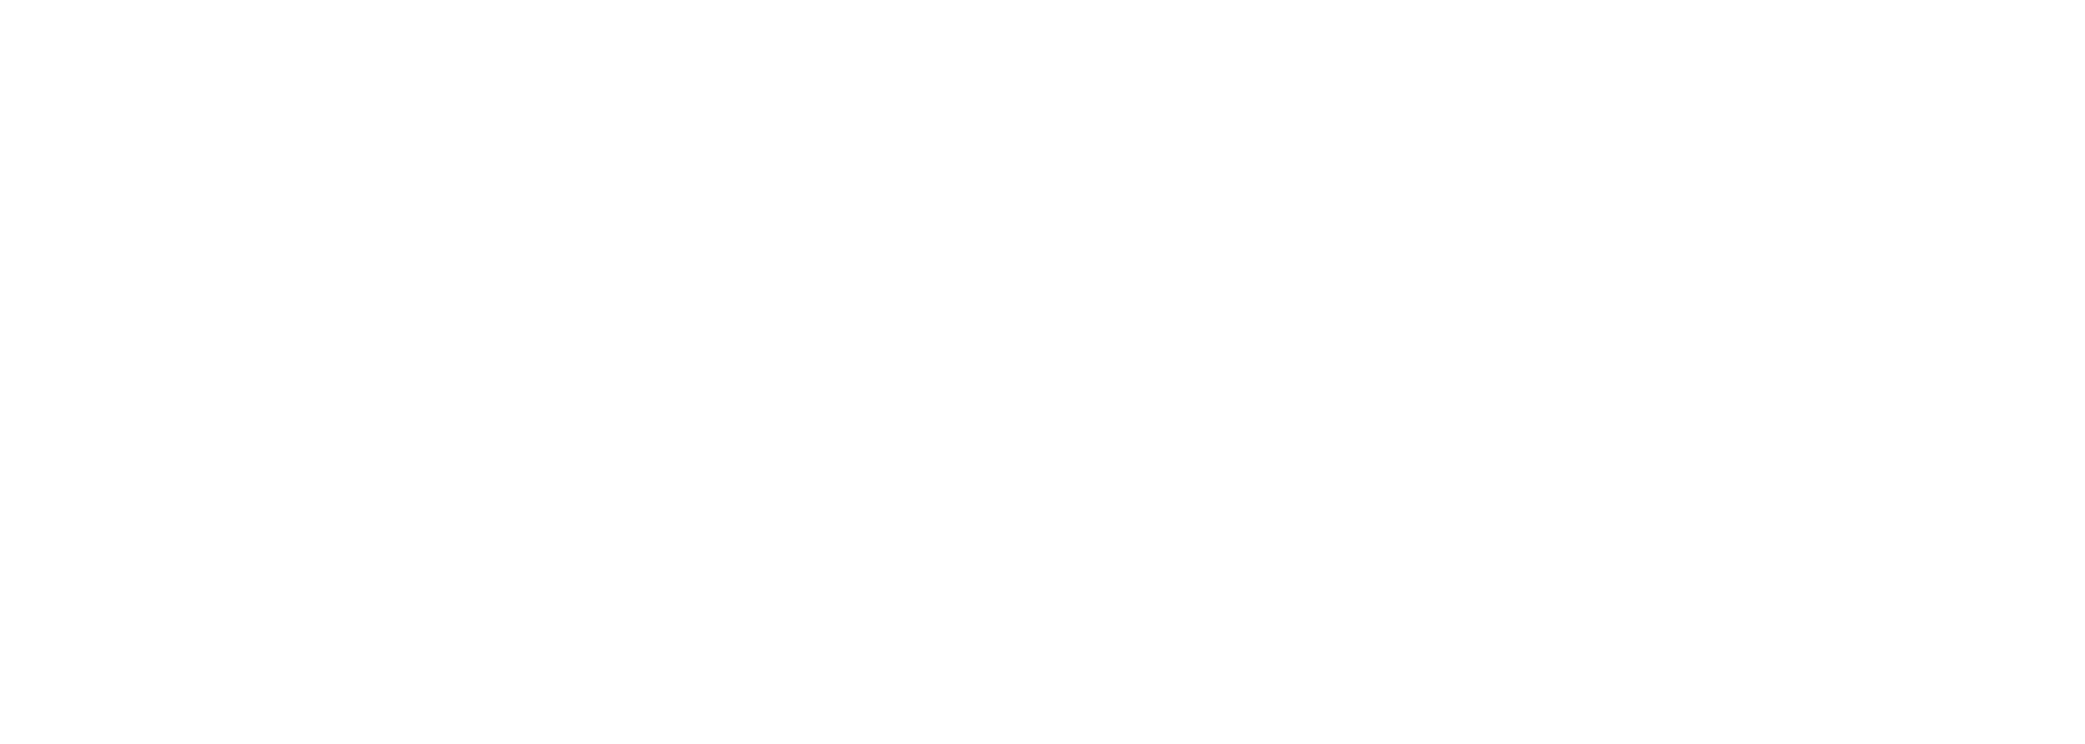 スタンダード・ショーダウン